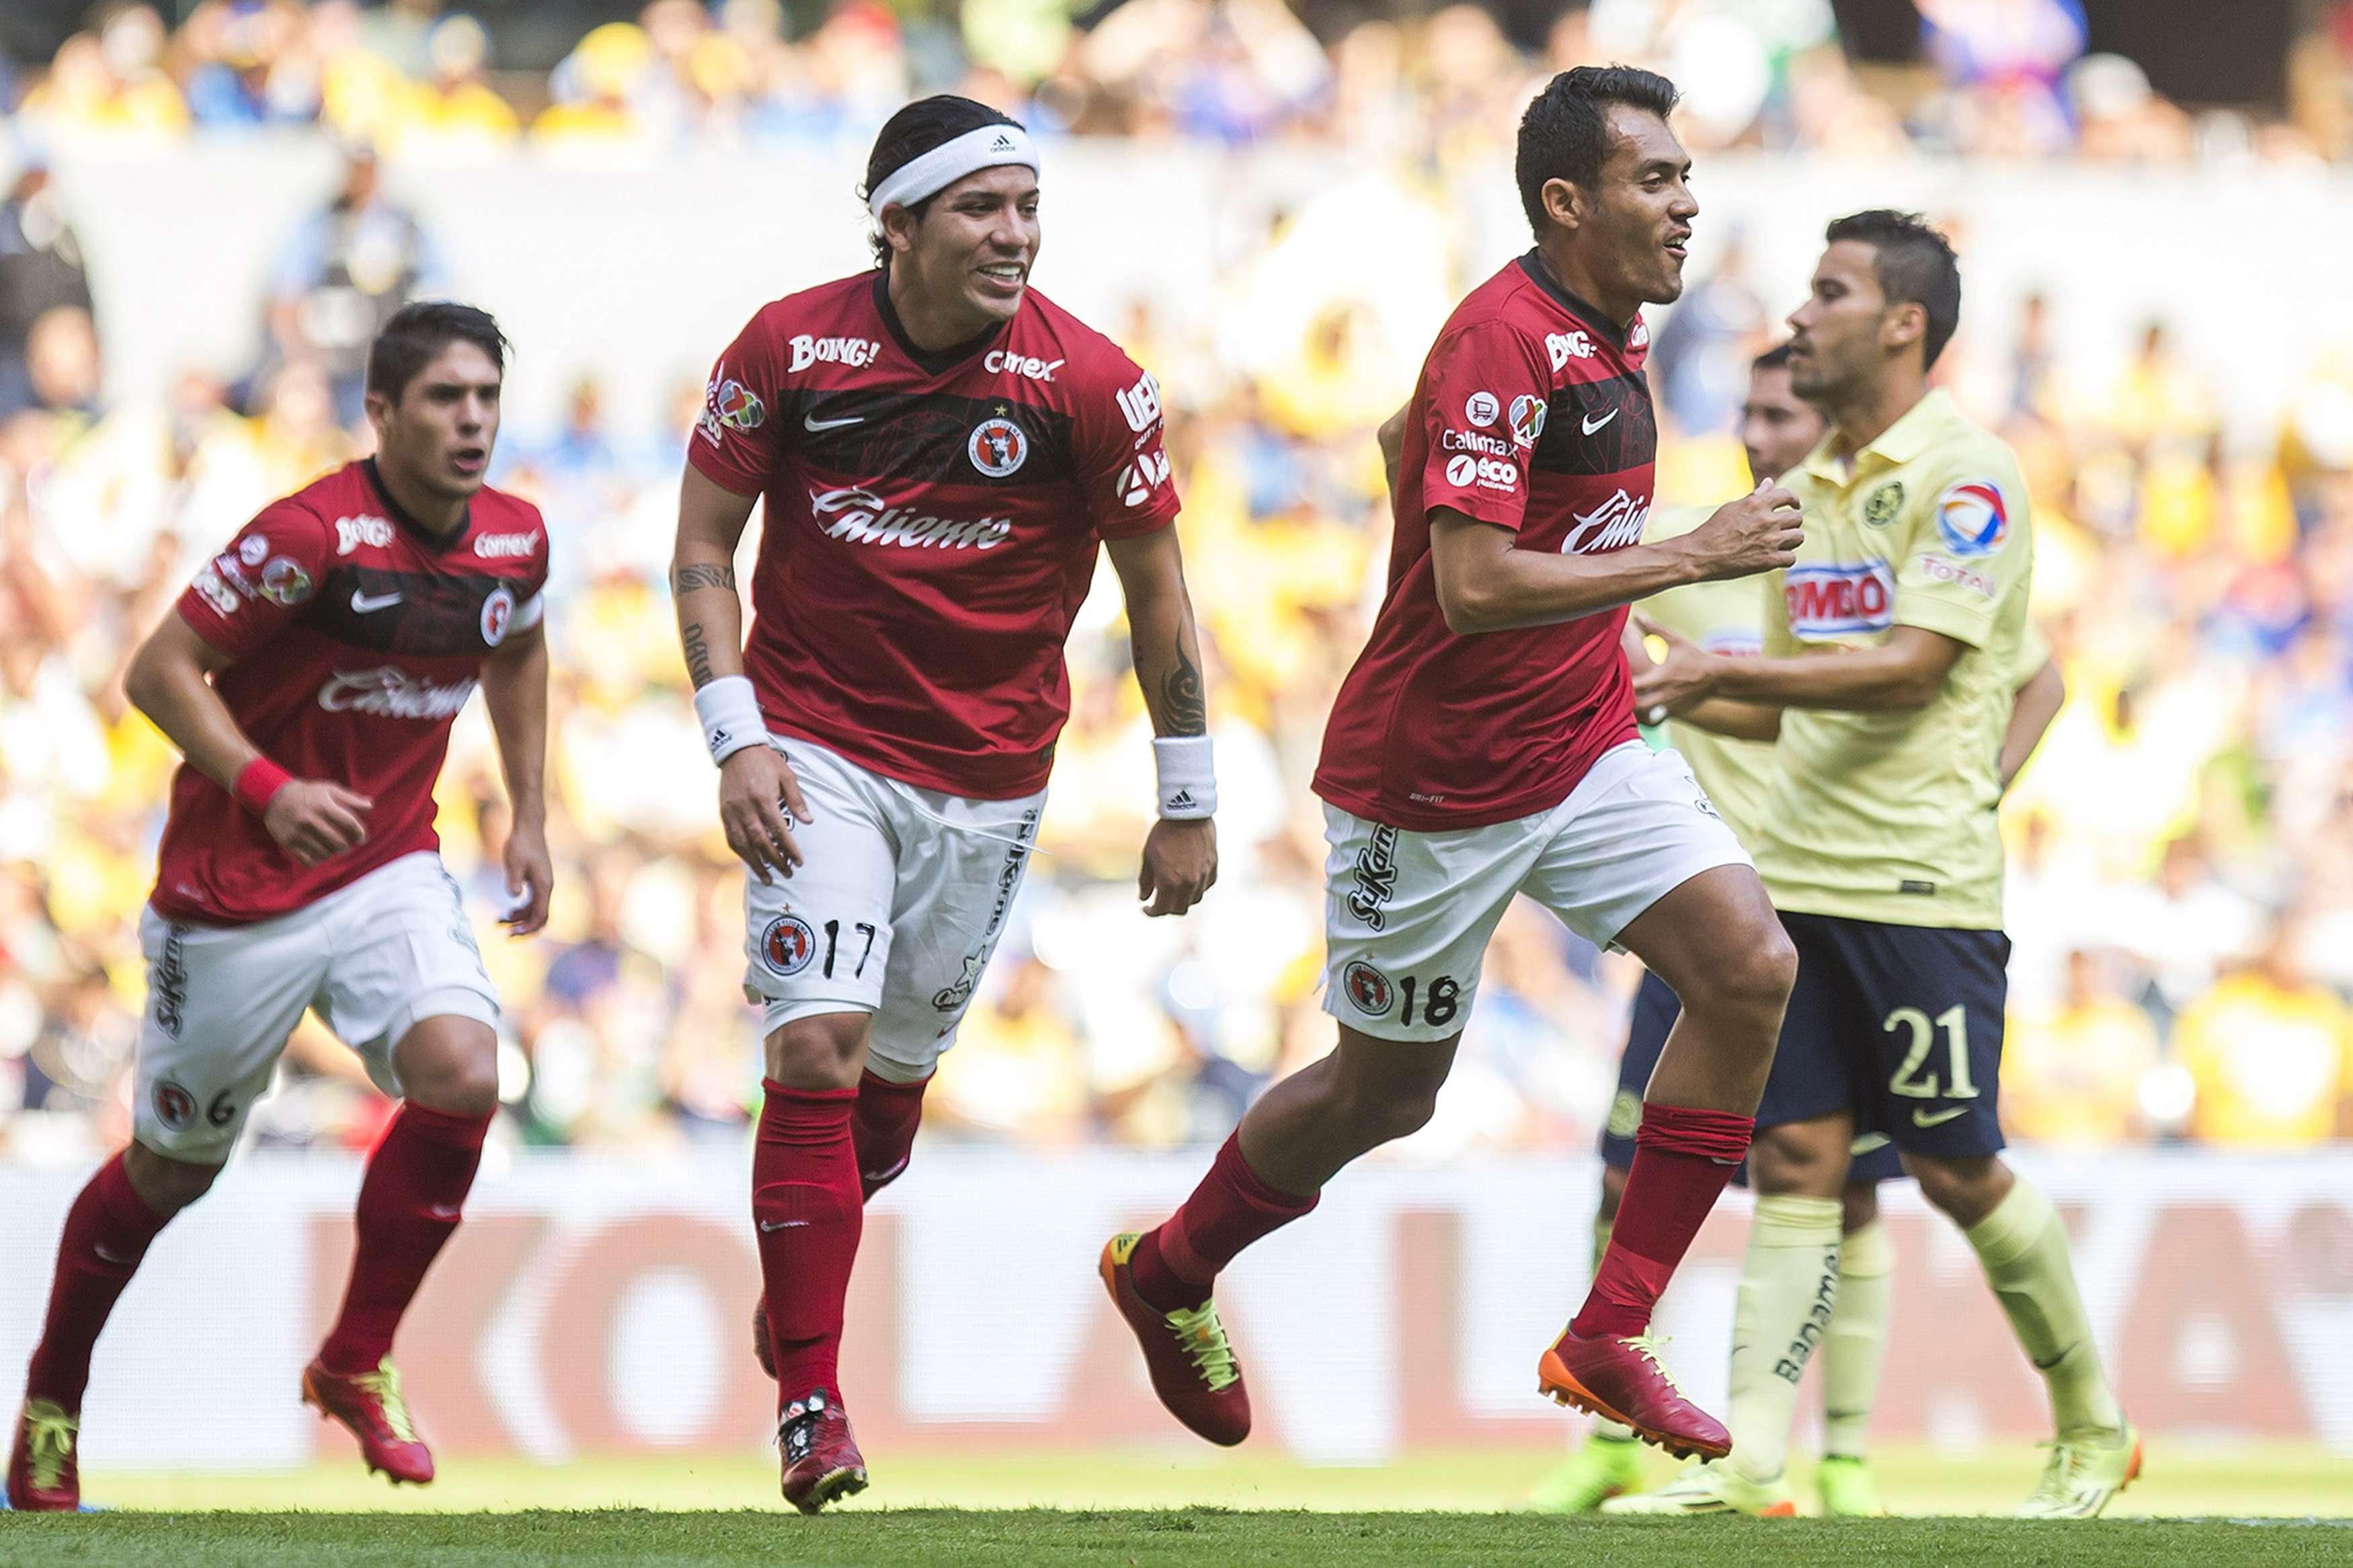 Dayro Moreno, con su banda blanca en la cabeza, festeja el gol de Juan Arango. Foto: Mexsport